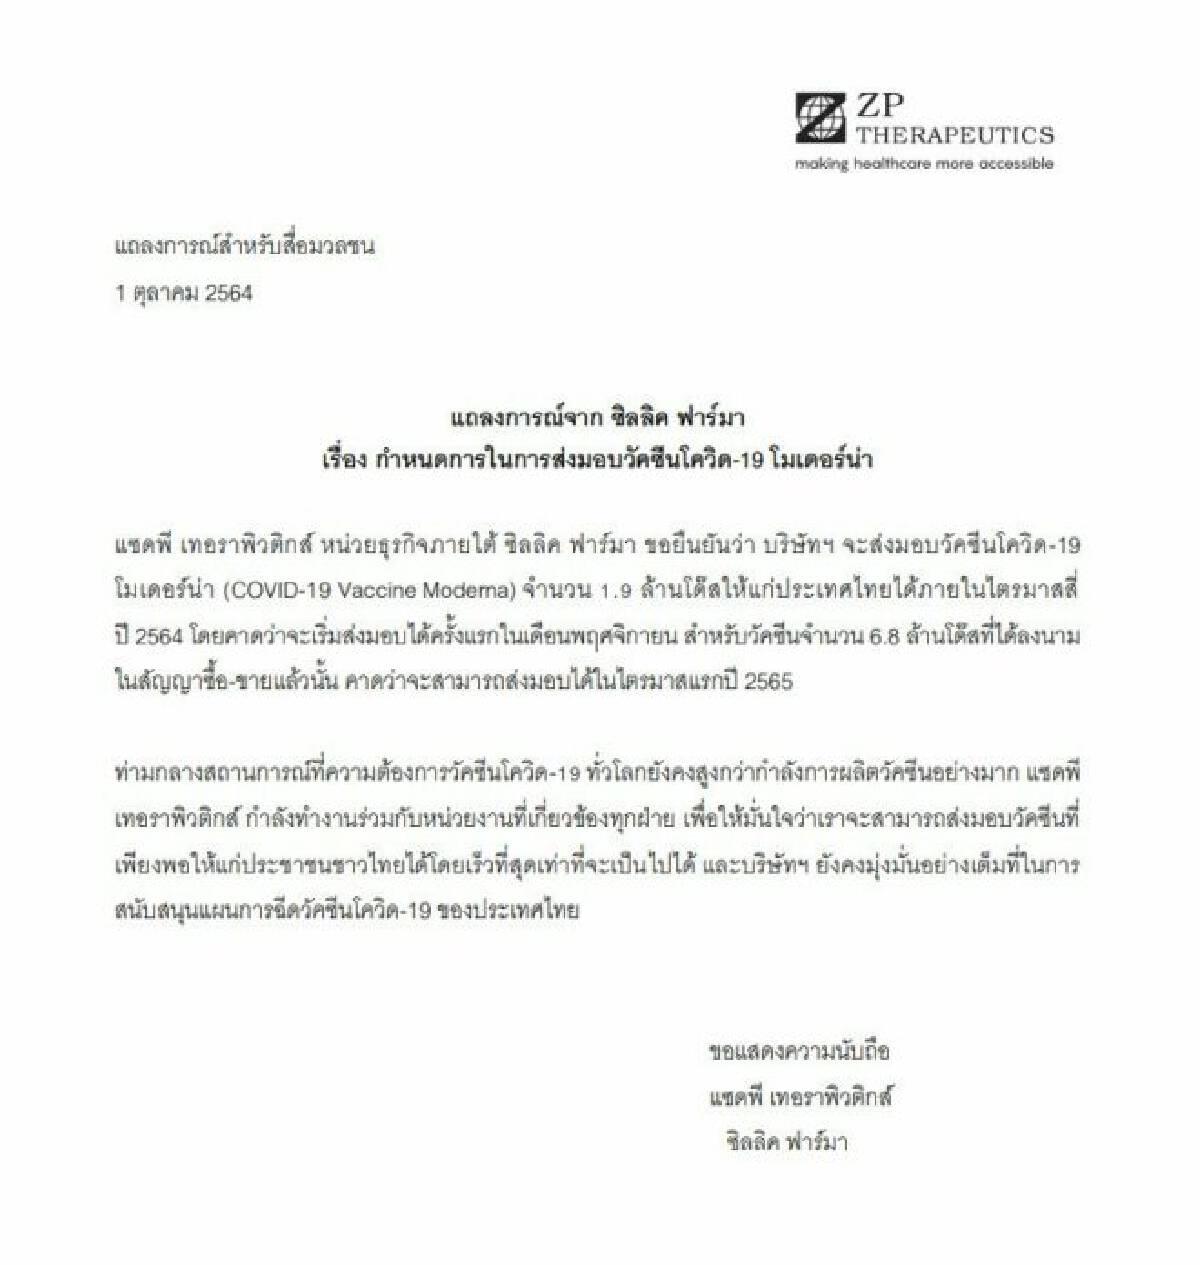 แซดพี เทอราพิวติกส์ ยืนยัน โมเดอร์นา ถึงไทย 1.9 ล้านโด๊ส พ.ย.นี้